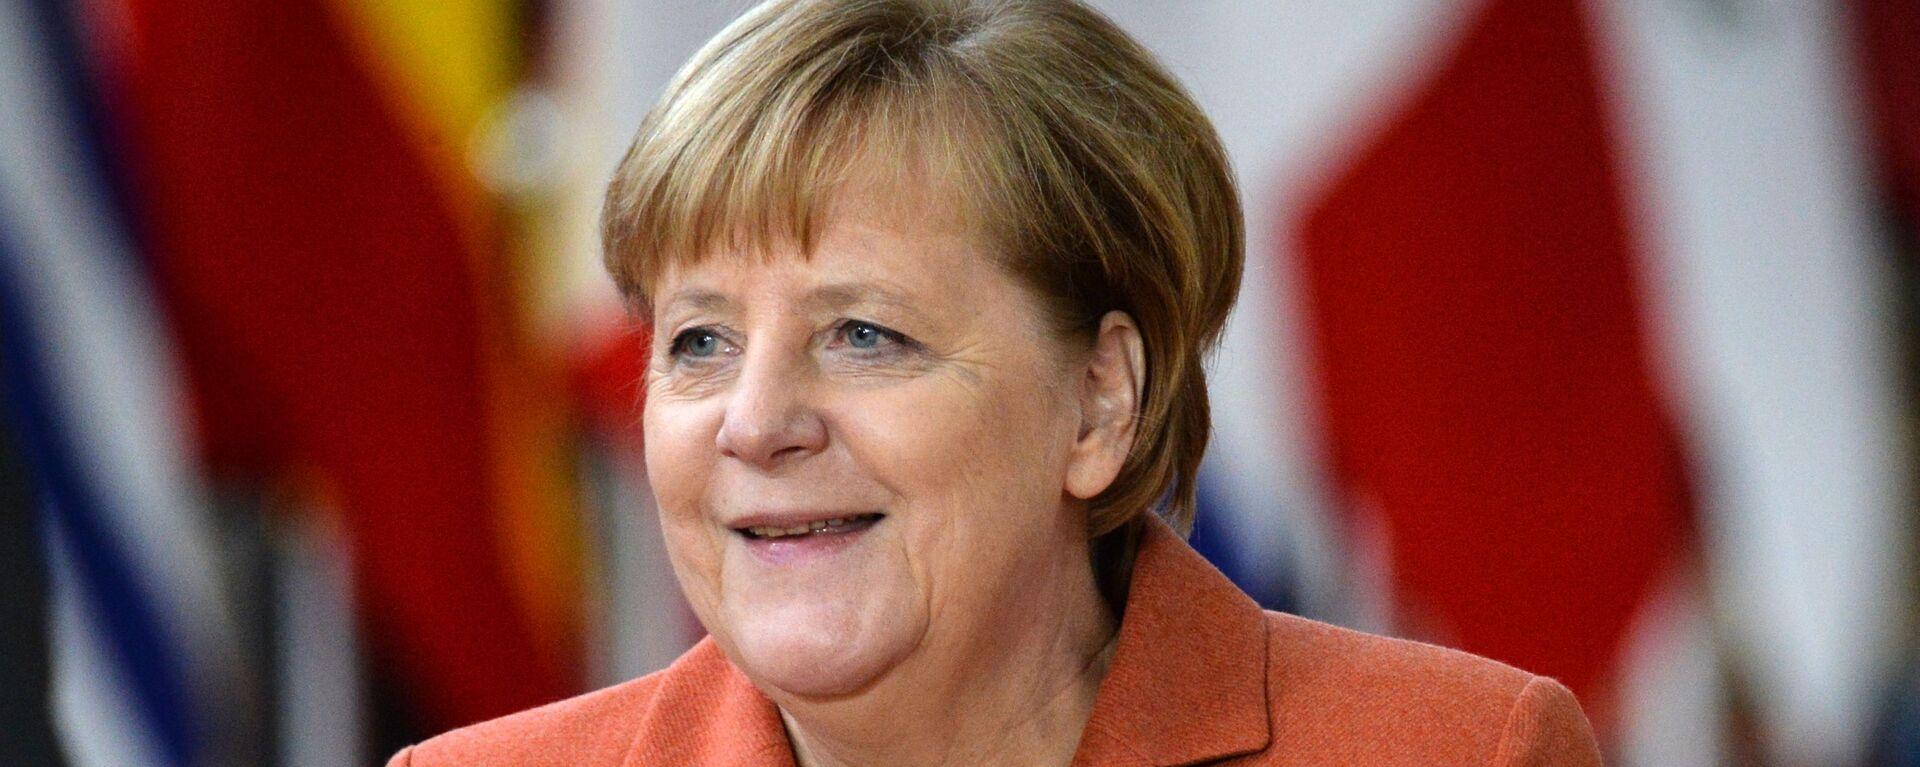 Thủ tướng Đức Angela Merkel - Sputnik Việt Nam, 1920, 26.09.2021